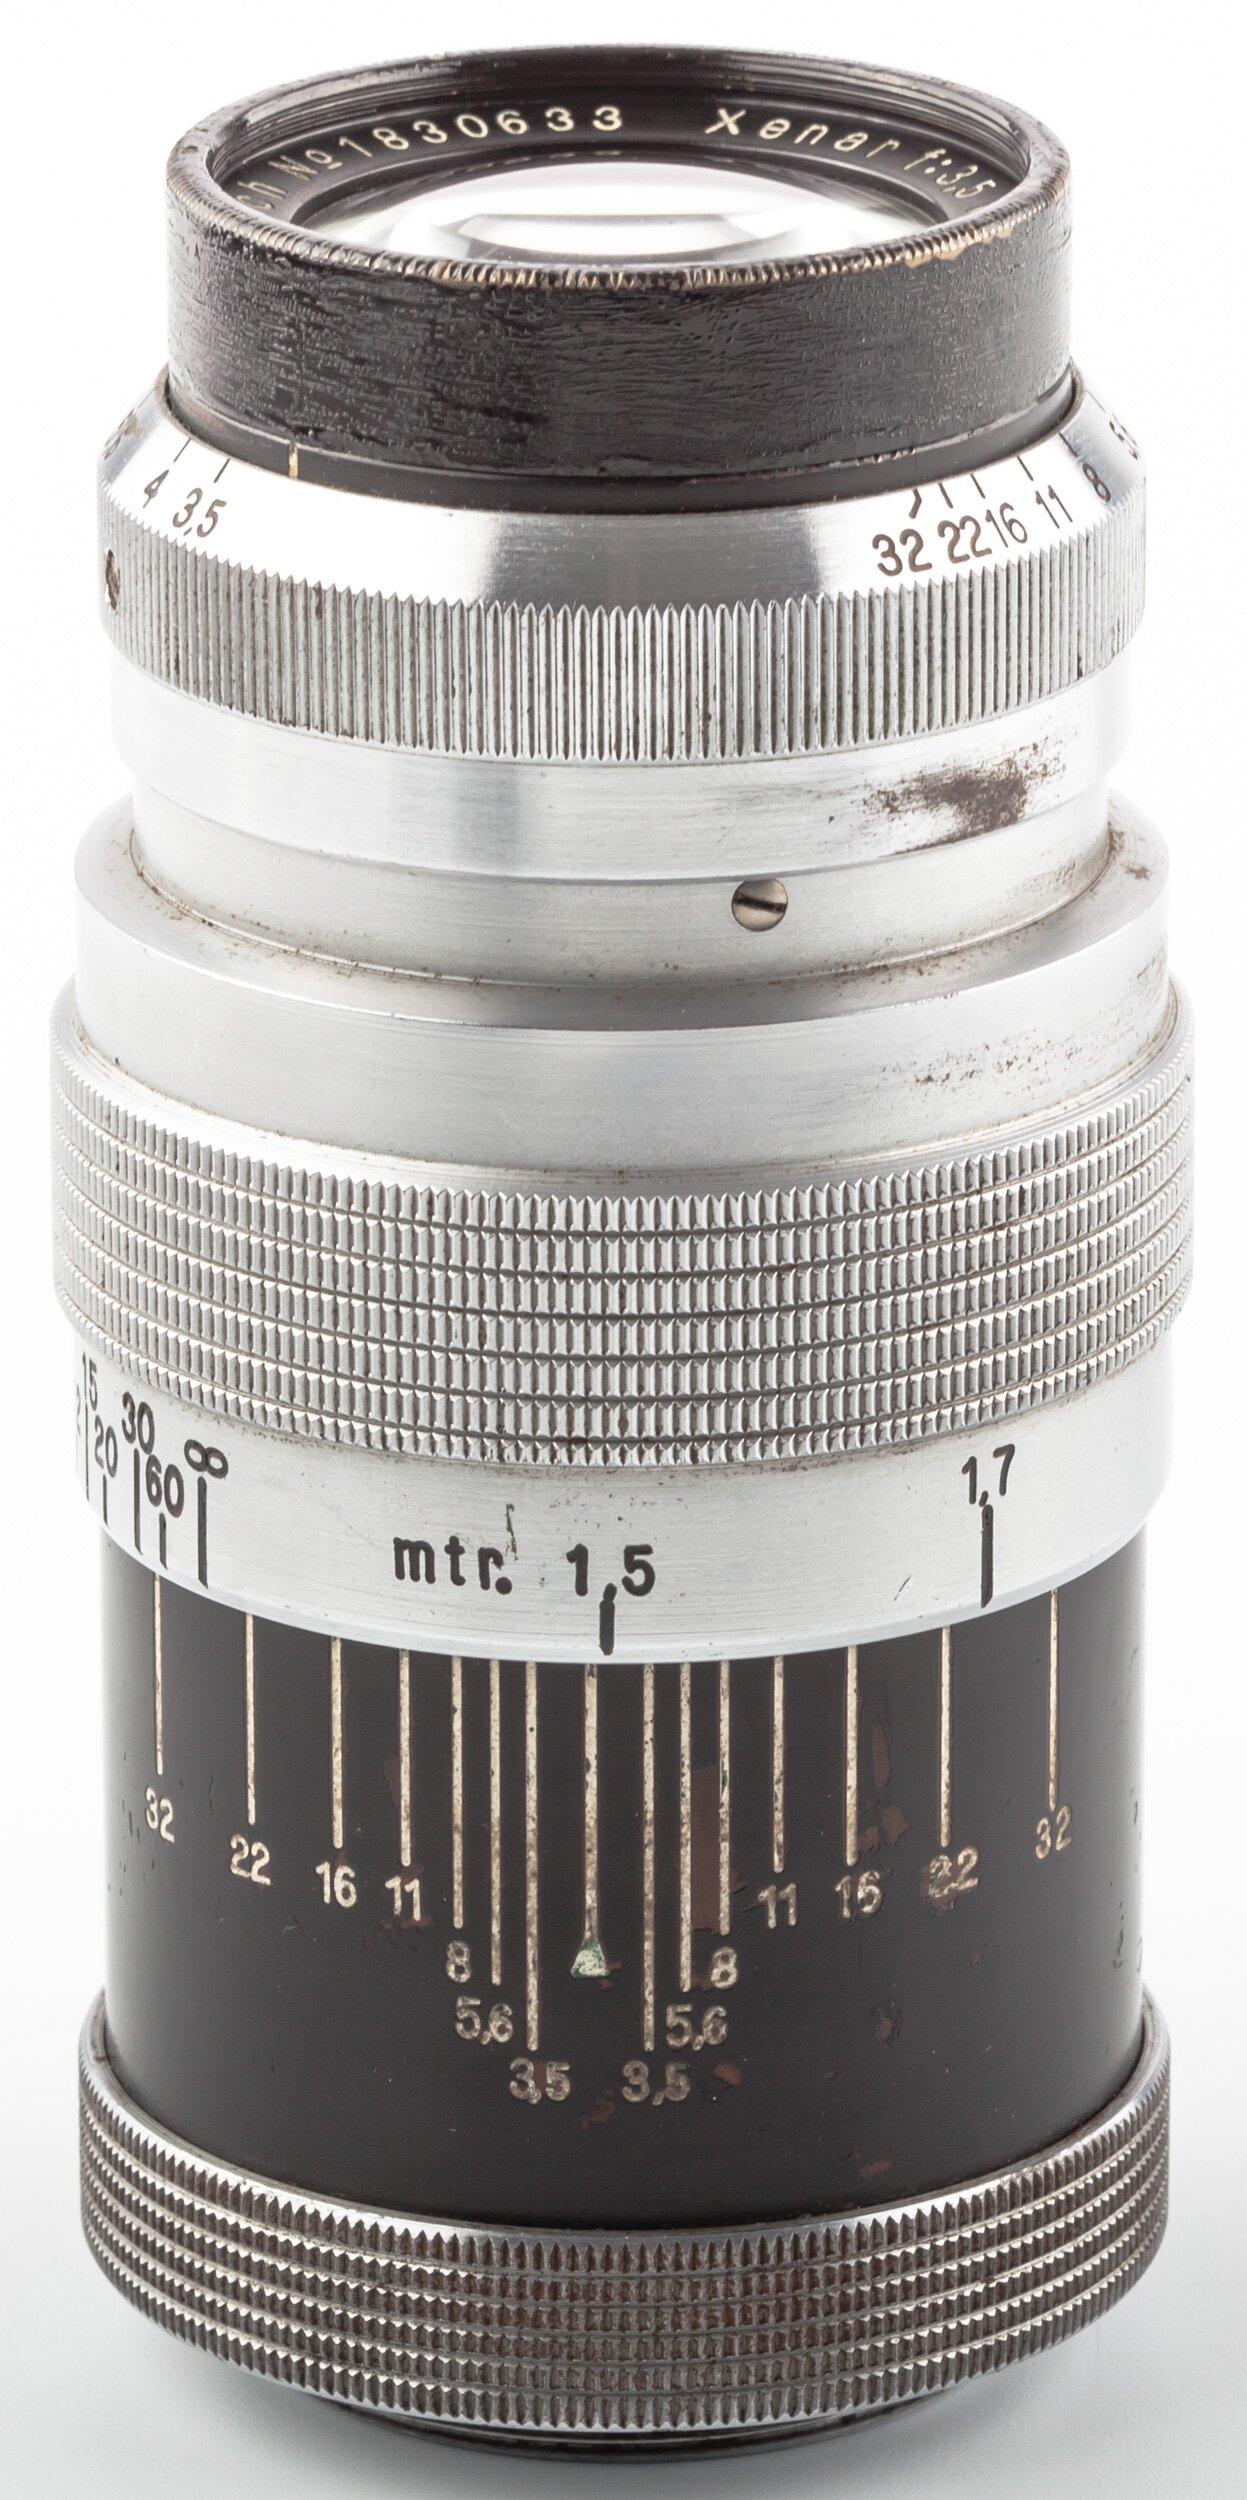 Schneider Xenar 3,5/10,5cm M39